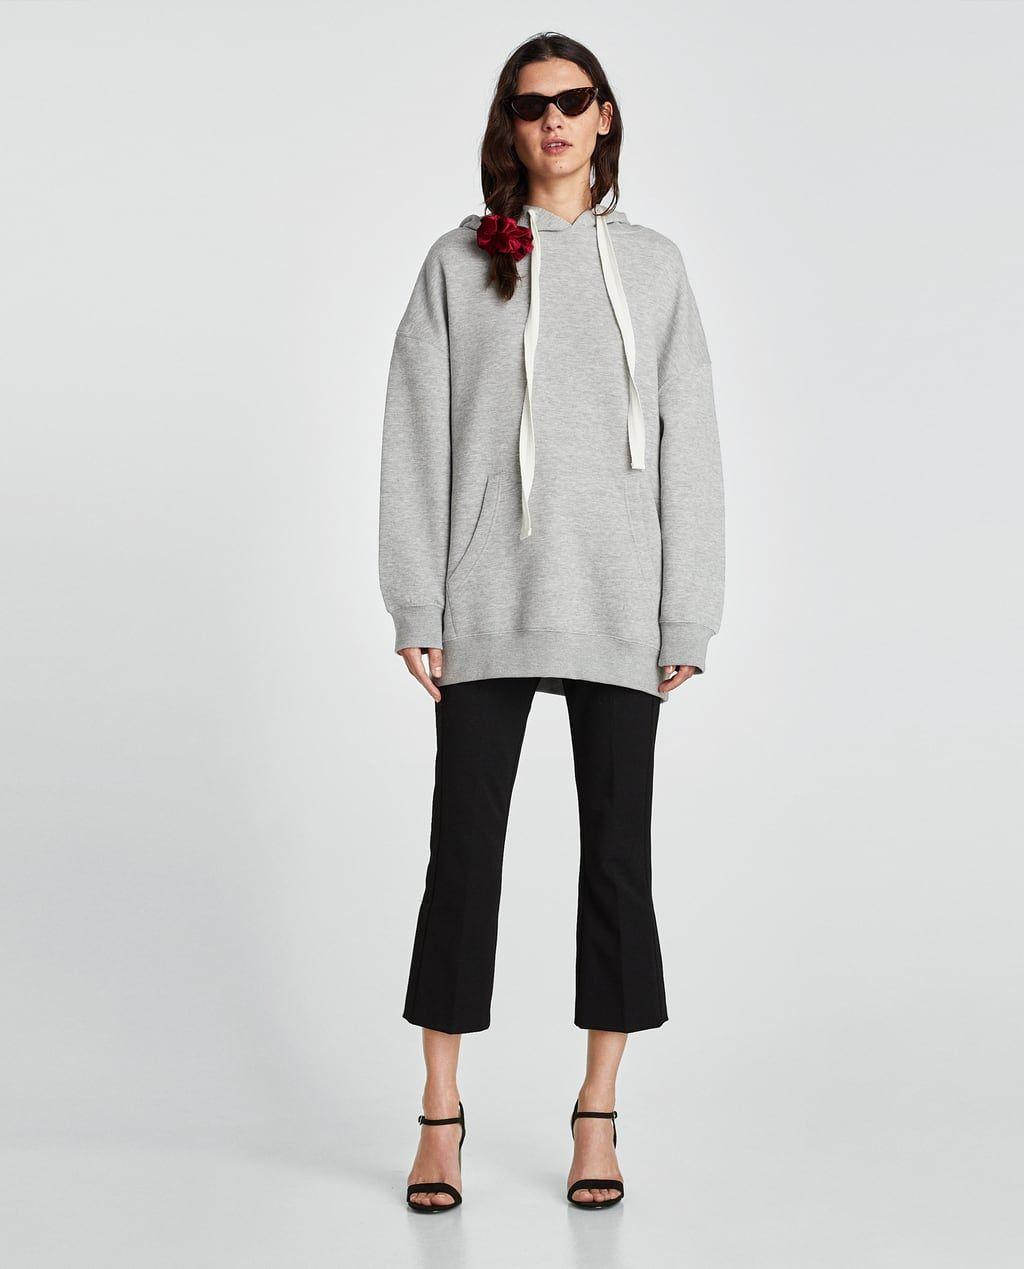 Le pantalon évasé n'est peut-être pas votre premier choix pour un sweat à capuche, mais il fonctionne parfaitement (et ce chouchou aussi).